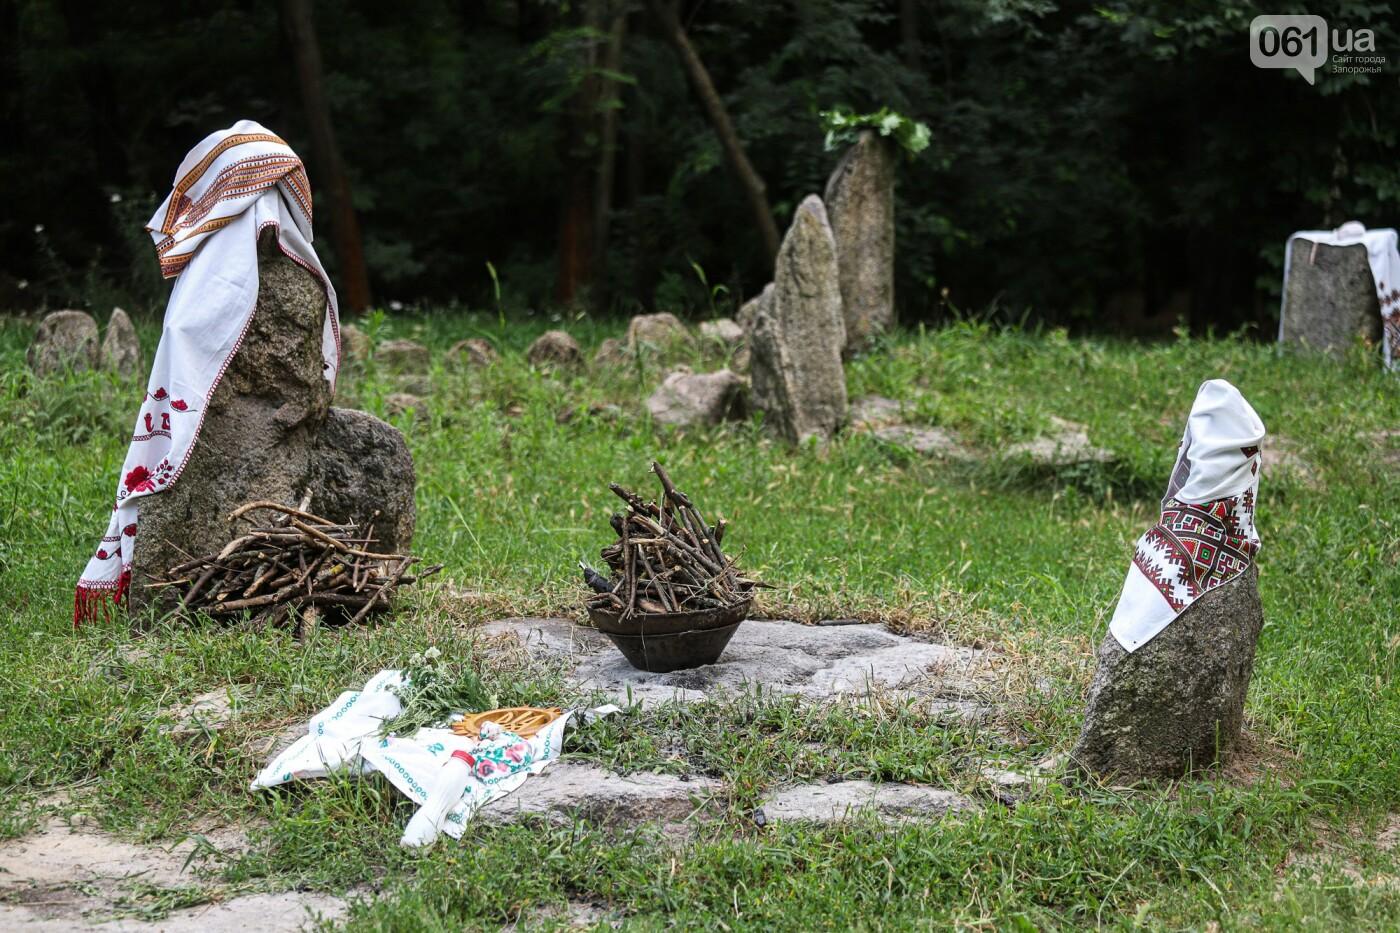 Огонь и дубовые венки: как на Хортице отметили праздник Перуна, - ФОТОРЕПОРТАЖ, фото-5